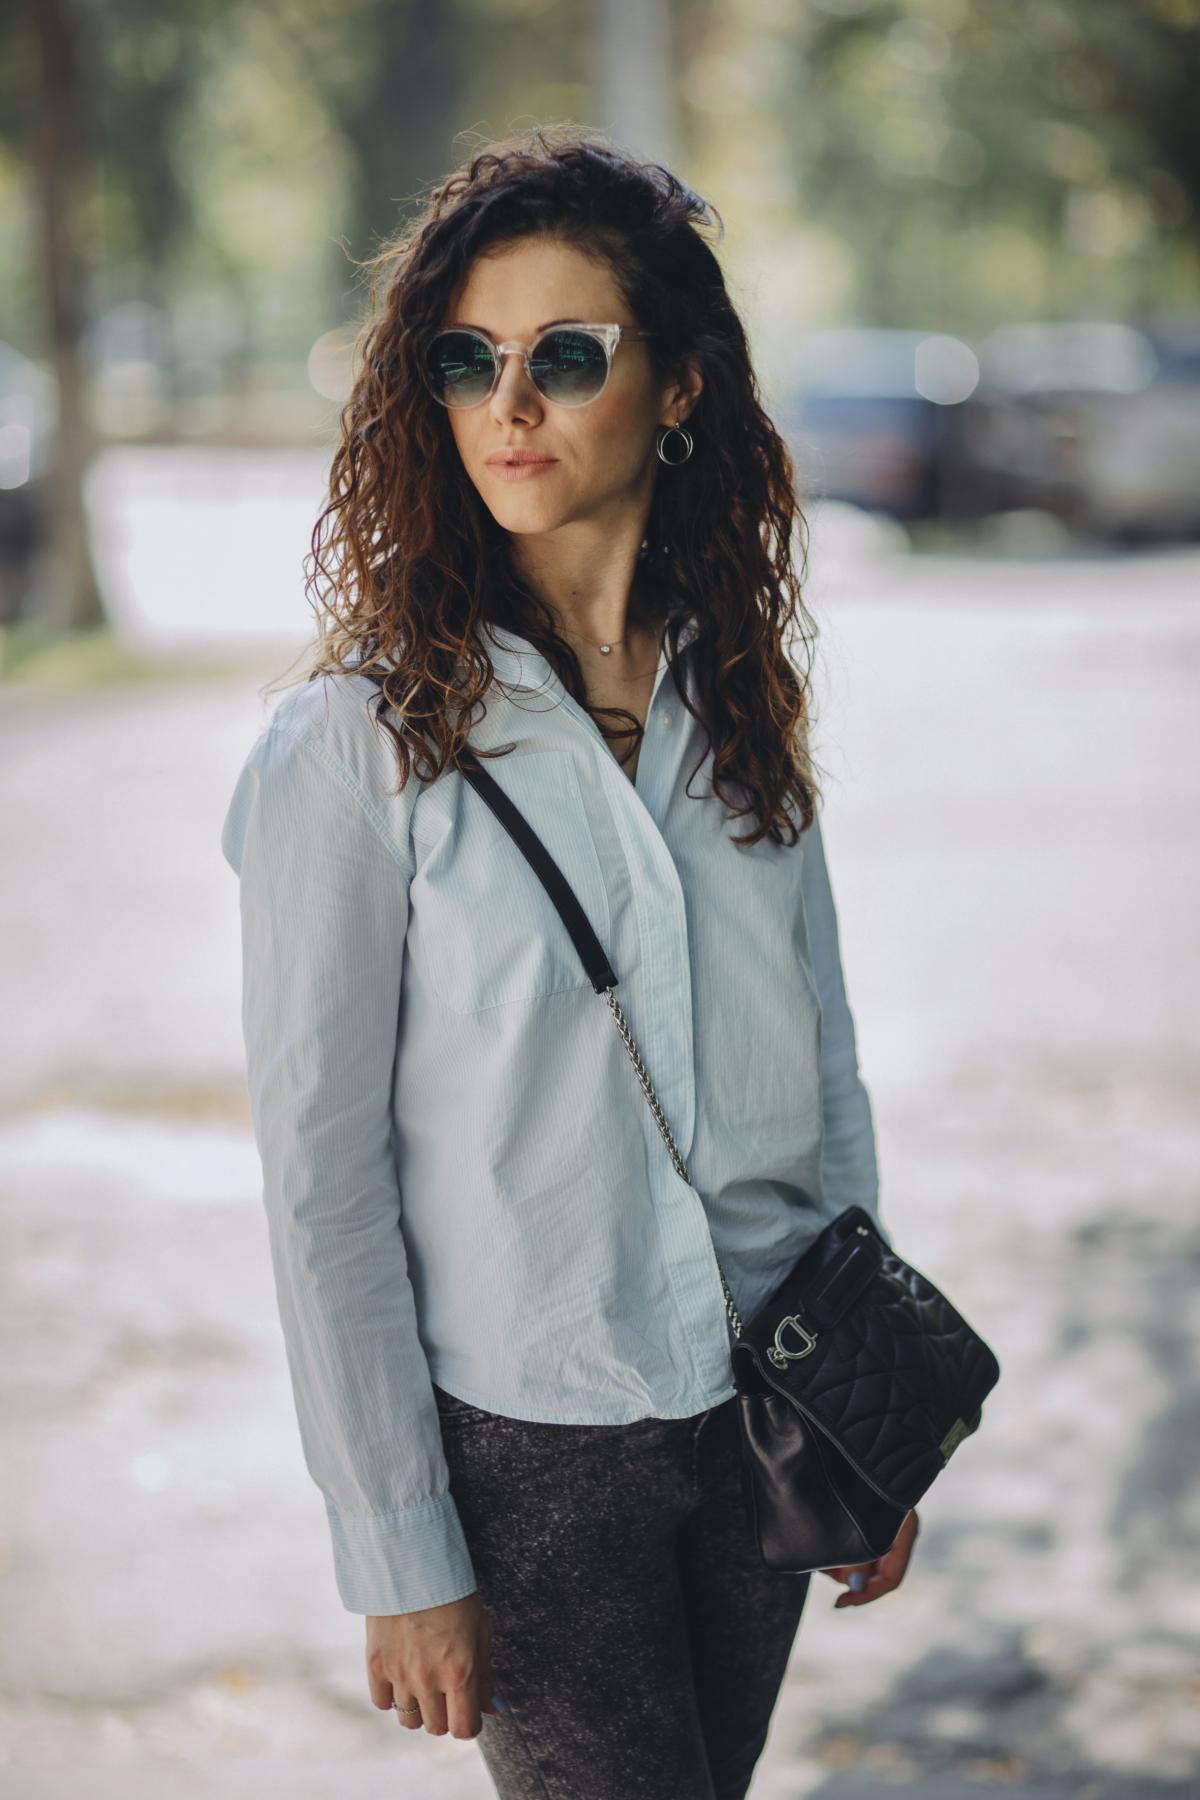 Паре важно договориться о новых правилах коммуникации на работе и вне ее, - психолог / instagram.com/galina.psyholog